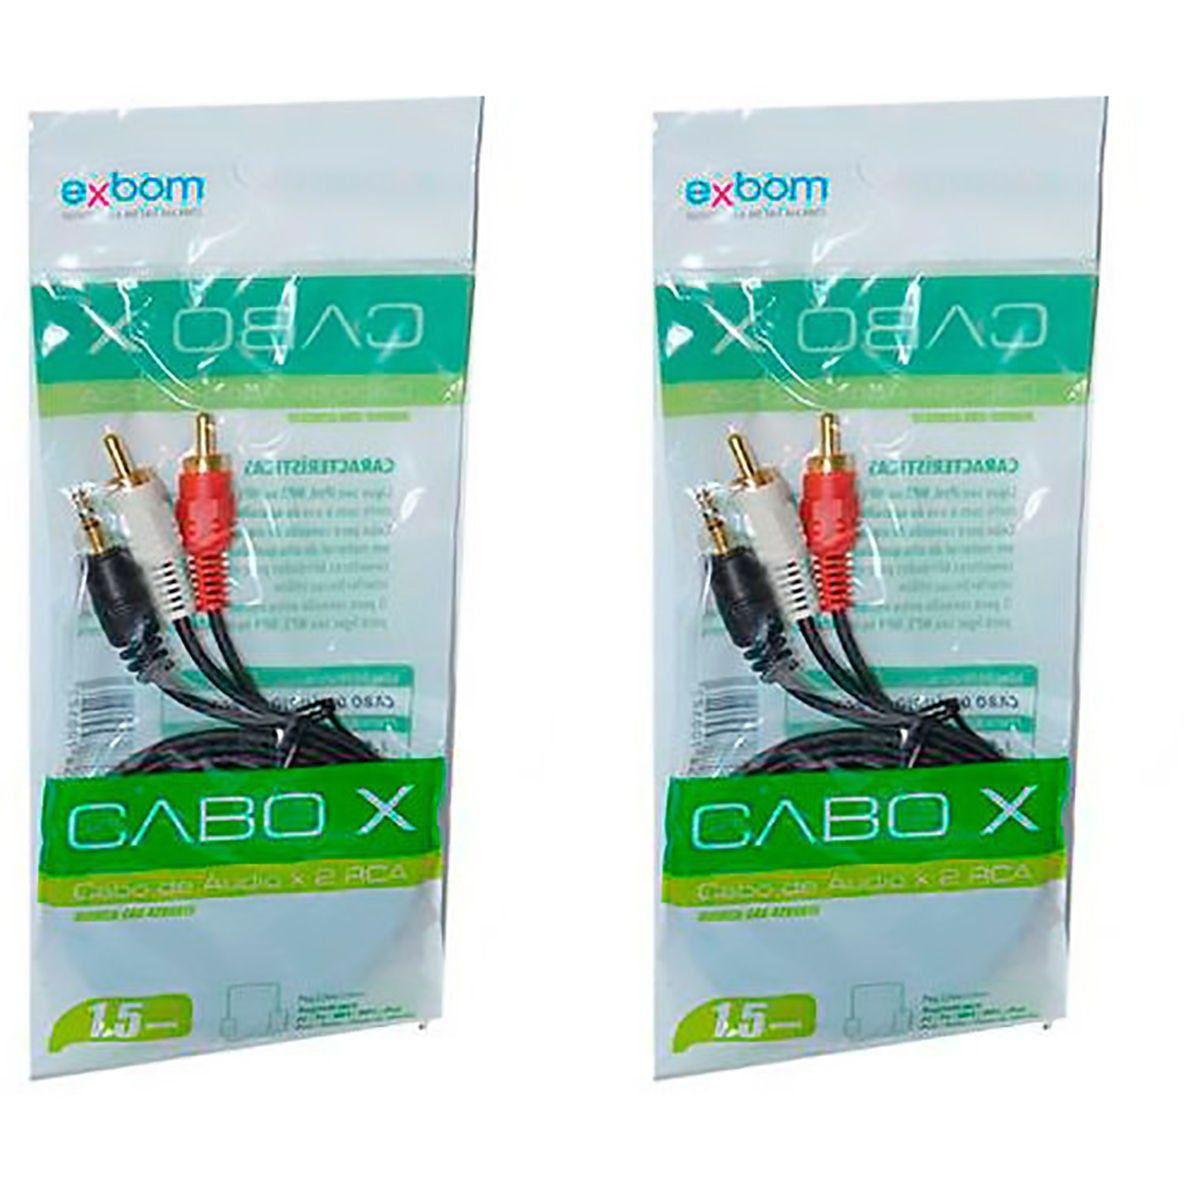 Kit 2x / Cabo de Áudio P2 x 2 RCA 1.5 Metros com Ponta Dourada Exbom CBX-A2RCA